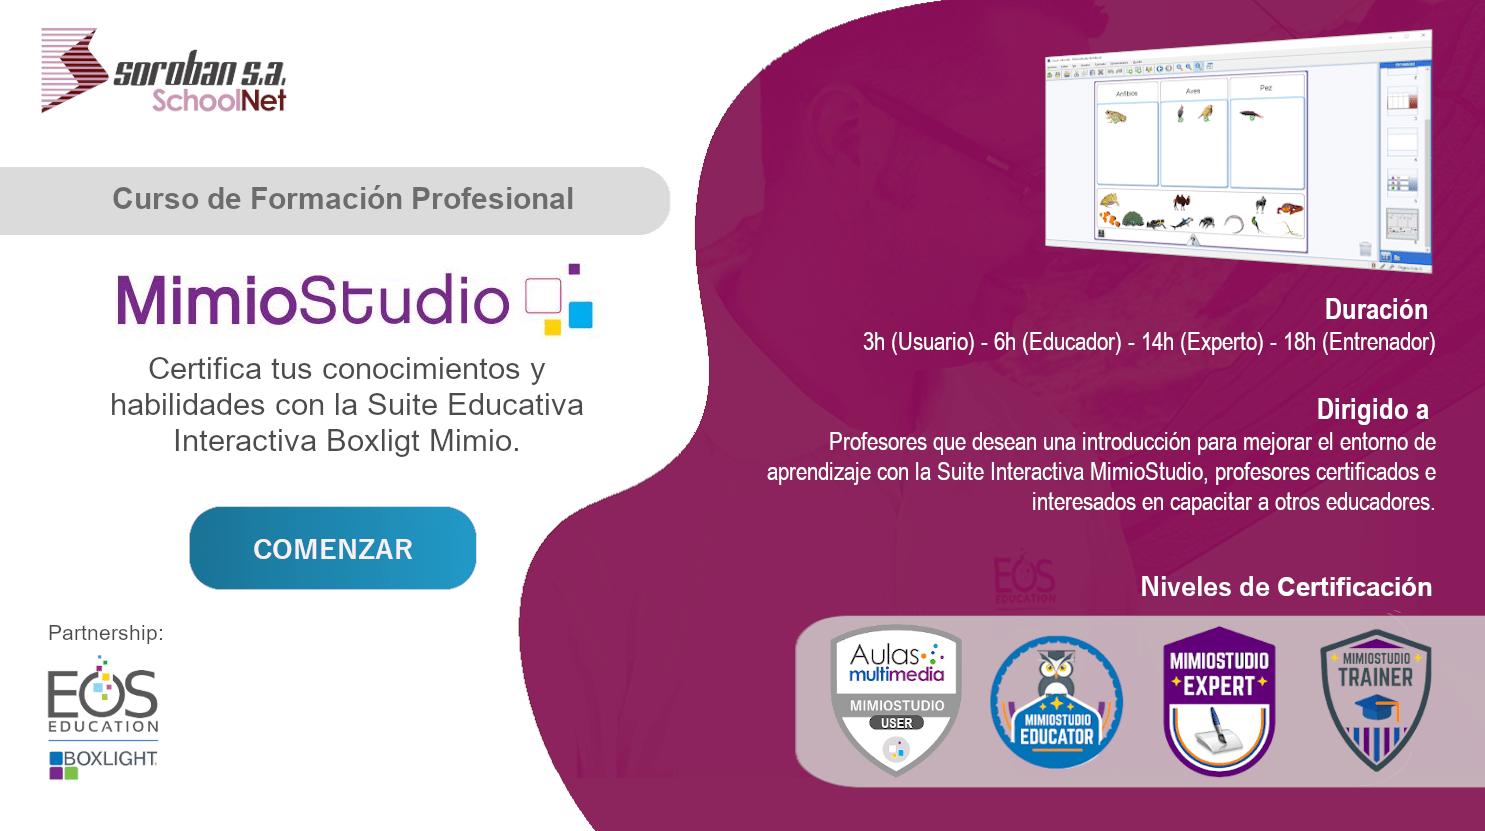 MimioStudio: Curso de Certificación y Formación Profesional